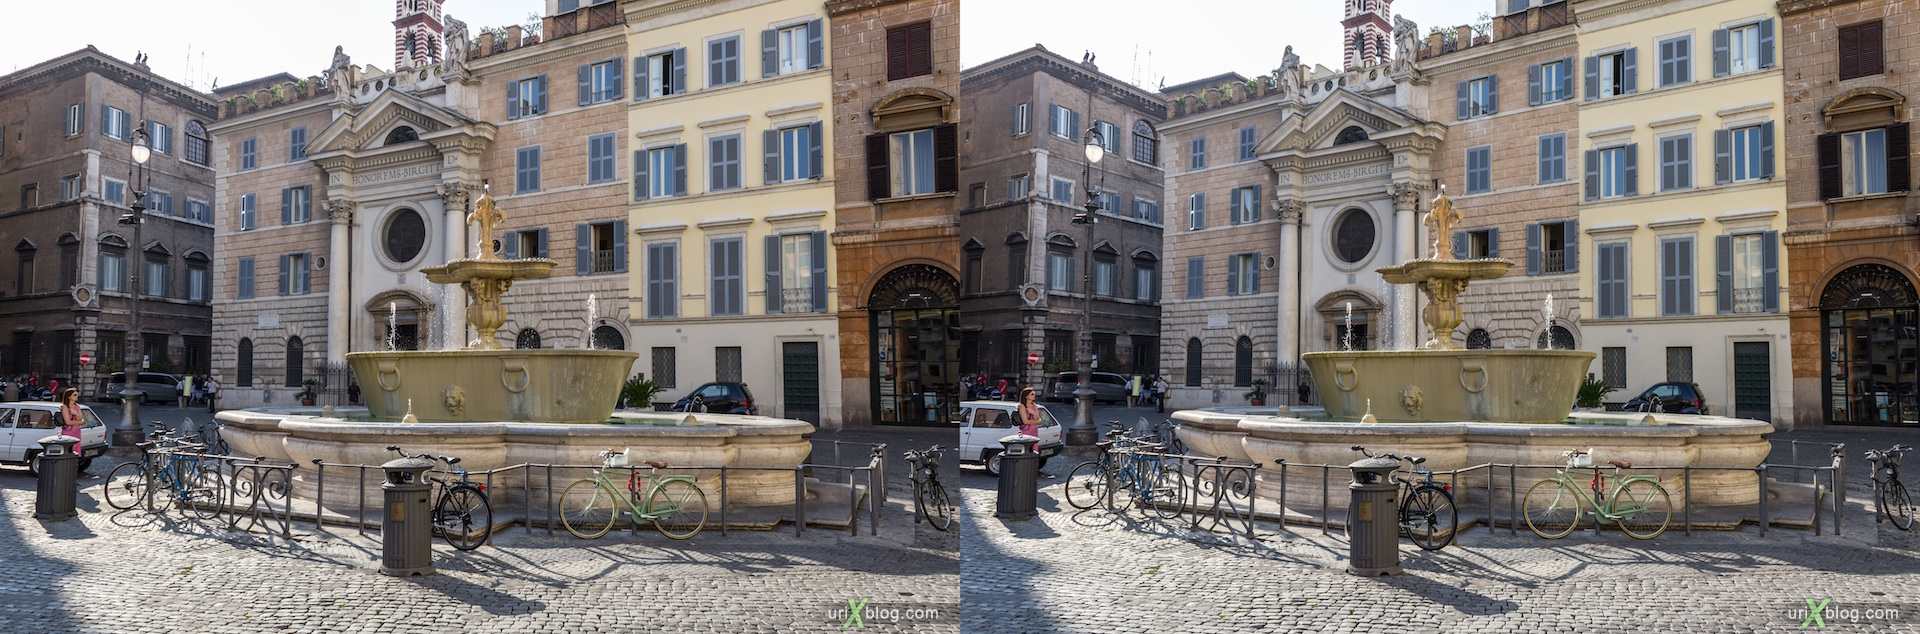 2012, фонтан, площадь Farnese, Рим, Италия, 3D, перекрёстные стереопары, стерео, стереопара, стереопары